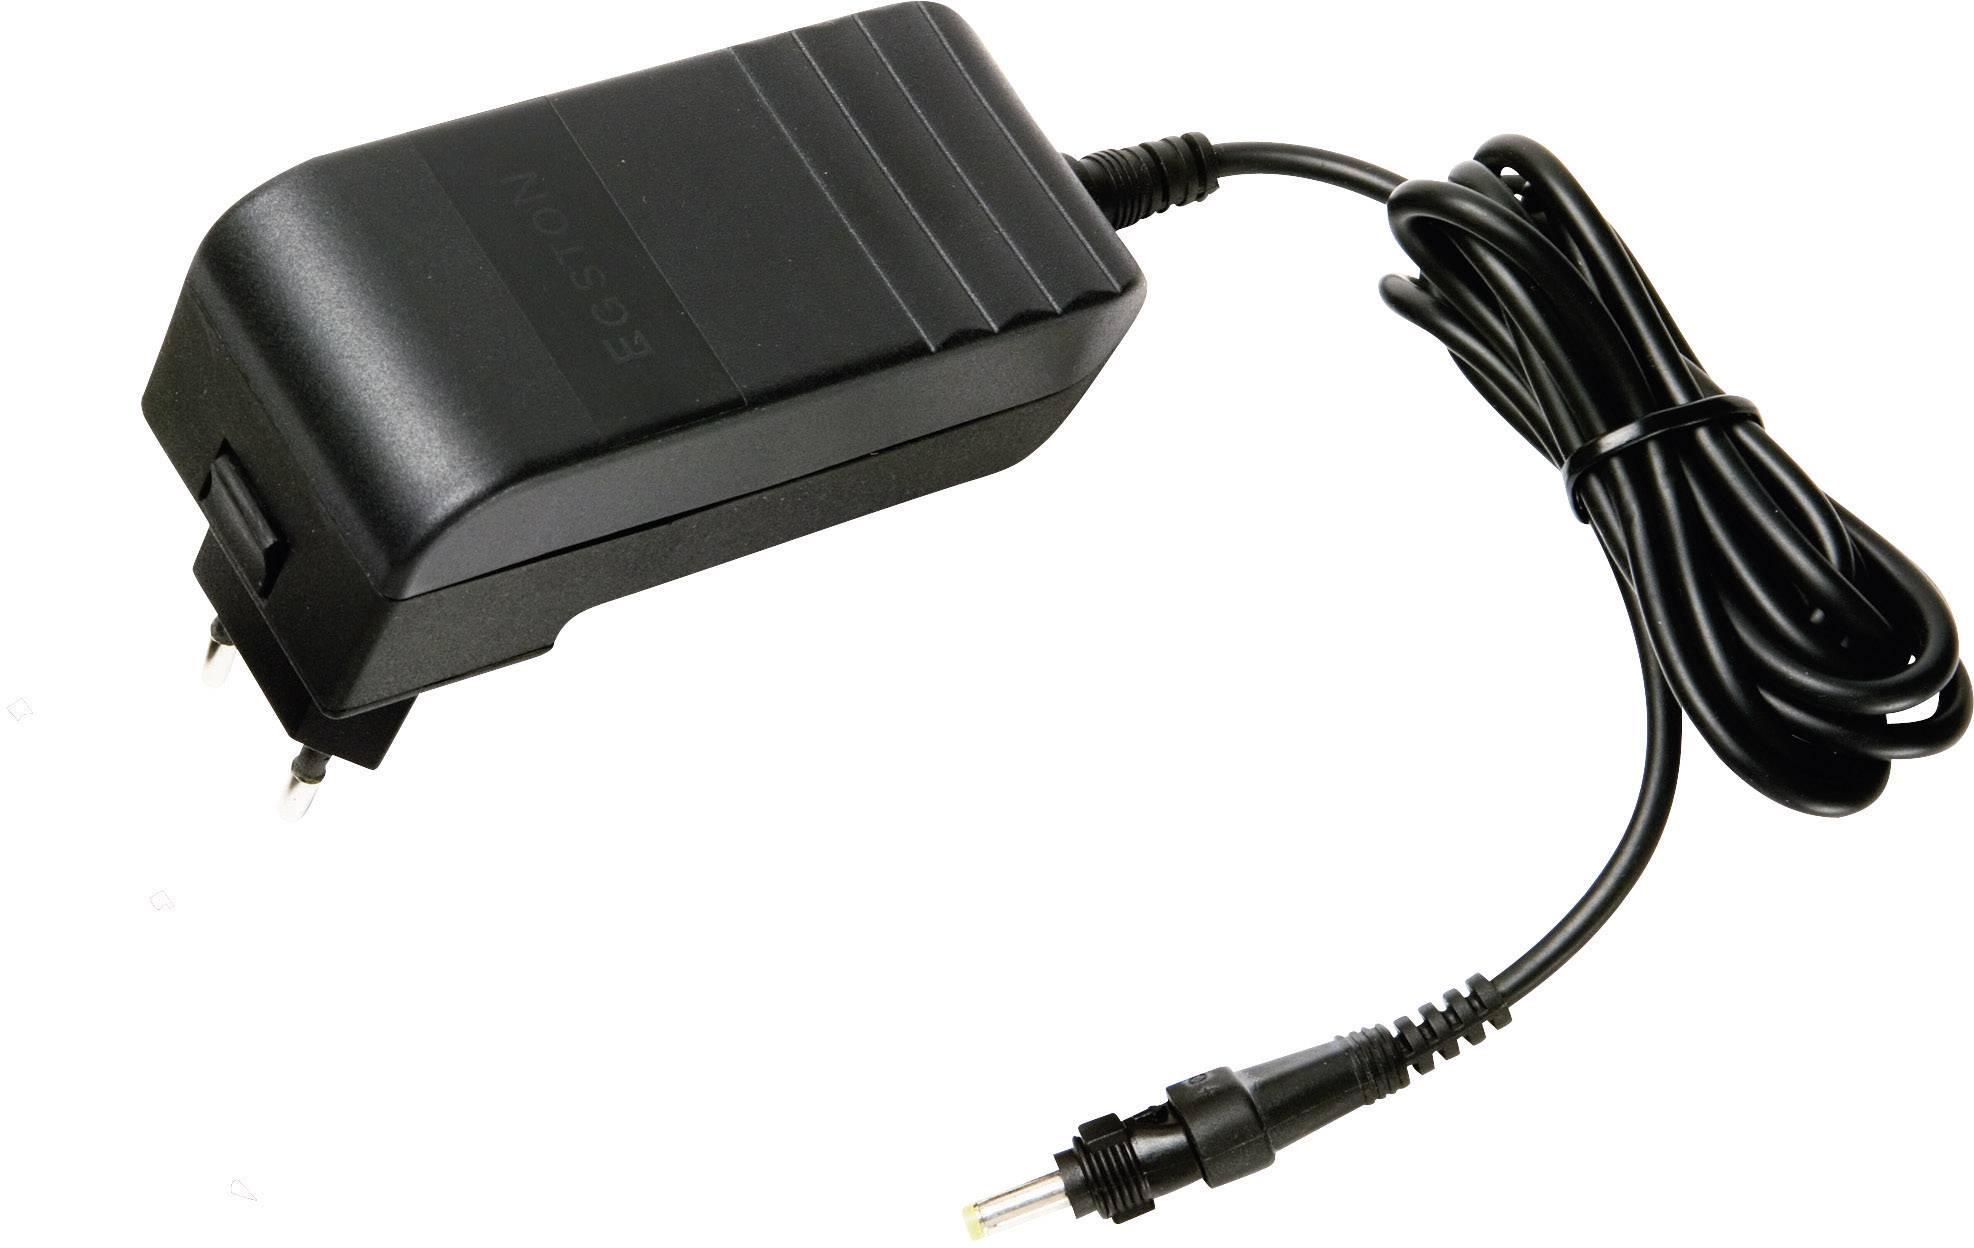 Zásuvkový adaptér so stálym napätím Egston 003920226, 30 W, 2000 mA